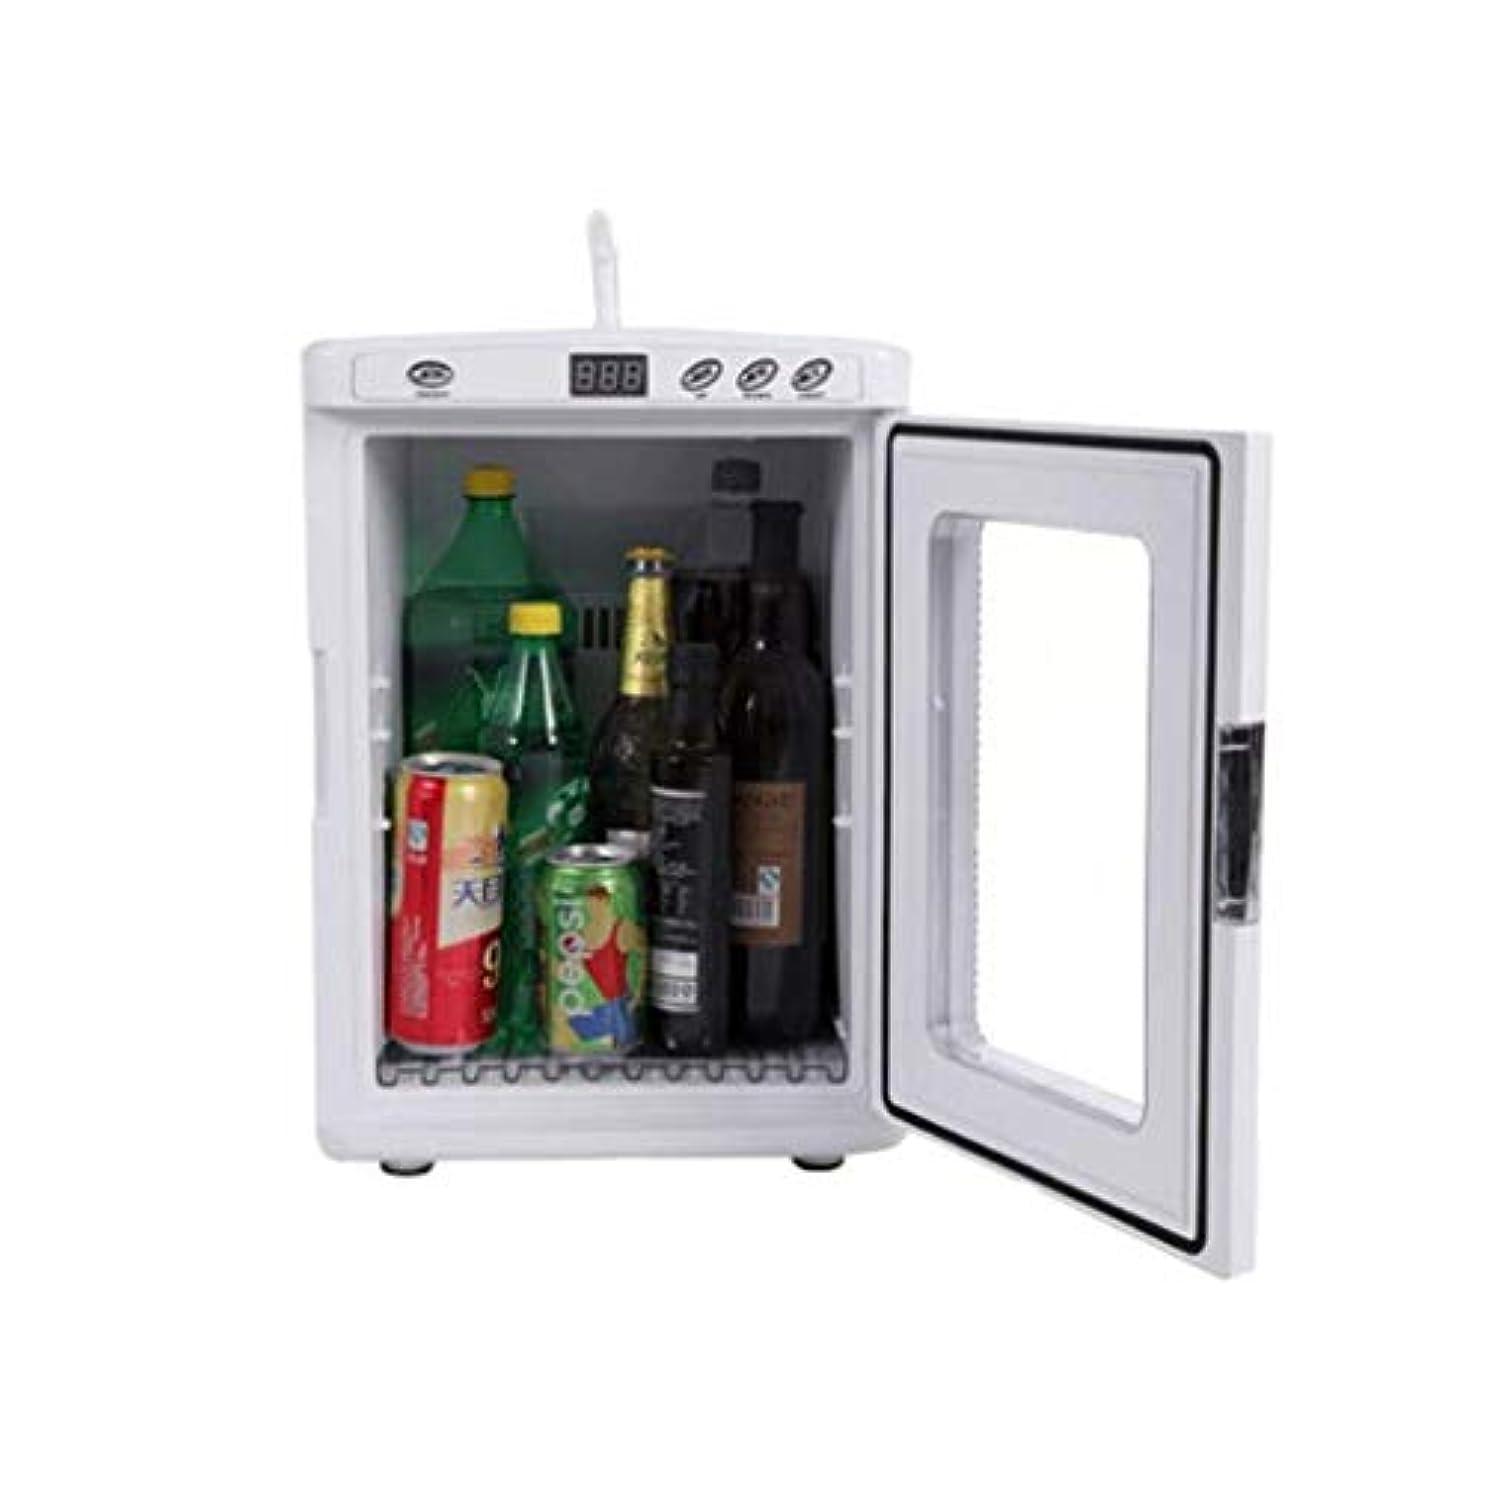 中性薬過敏なポータブル 25L車の加熱と冷却の箱車と家庭の二重使用冷凍の暖房 絶妙な